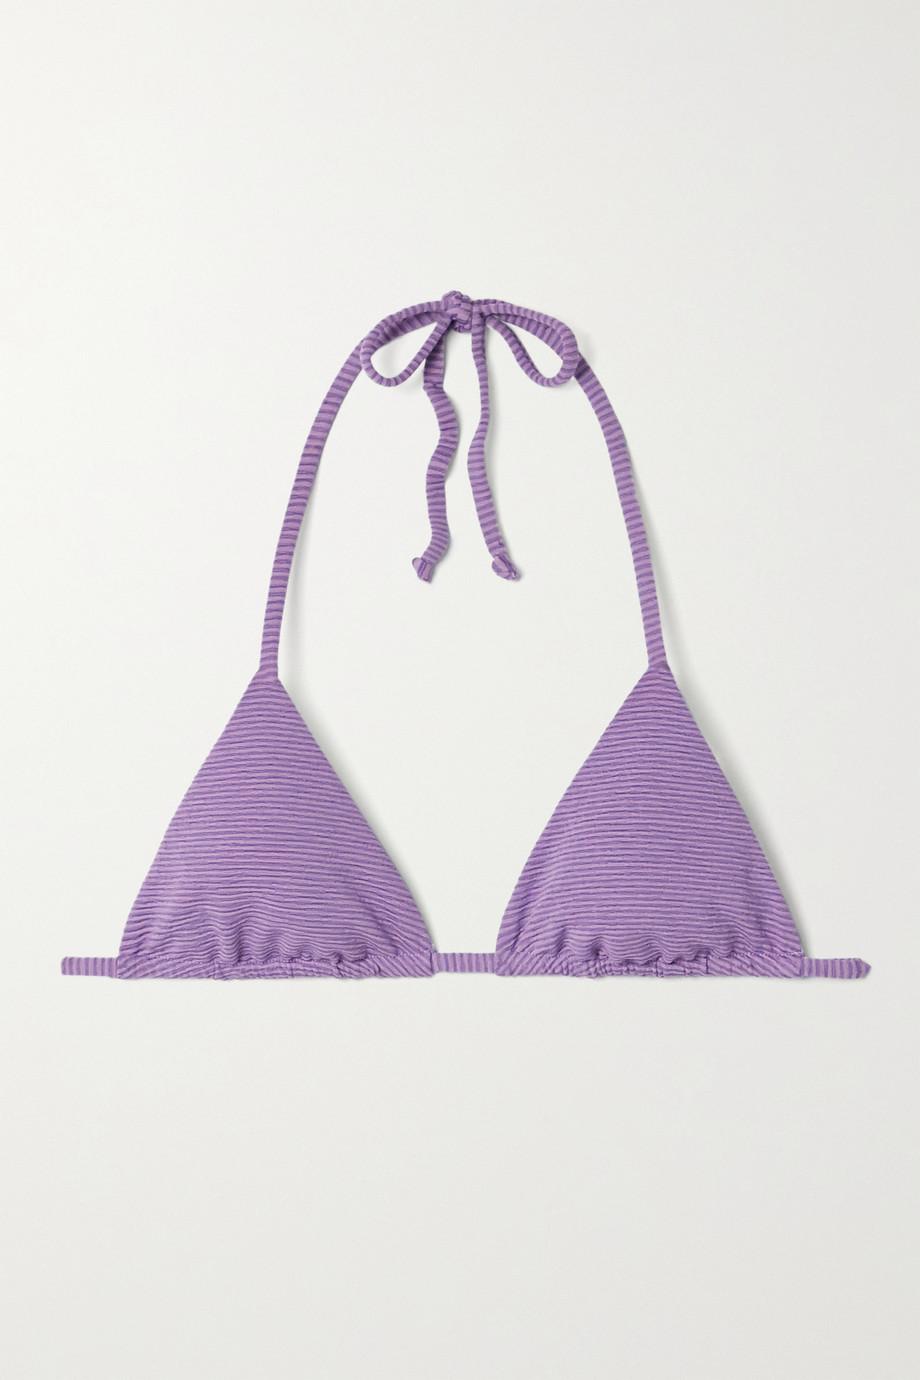 Mara Hoffman Rae striped bikini top